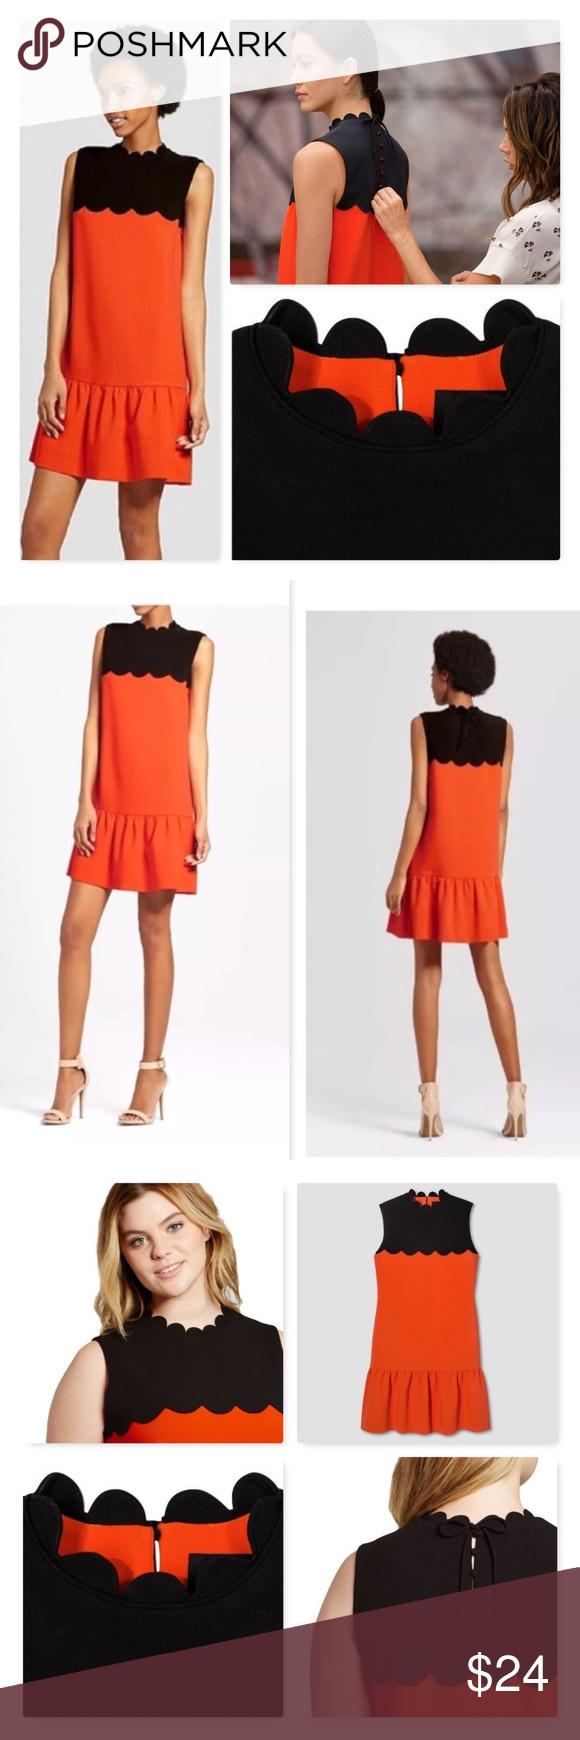 Victoria Beckhamdrop Waist Scallop Trim Dress Sz L Victoria Beckham For Target Orange And Black Drop Waist Scalloped Trim Dress Dresses Victoria Beckham Target [ 1740 x 580 Pixel ]